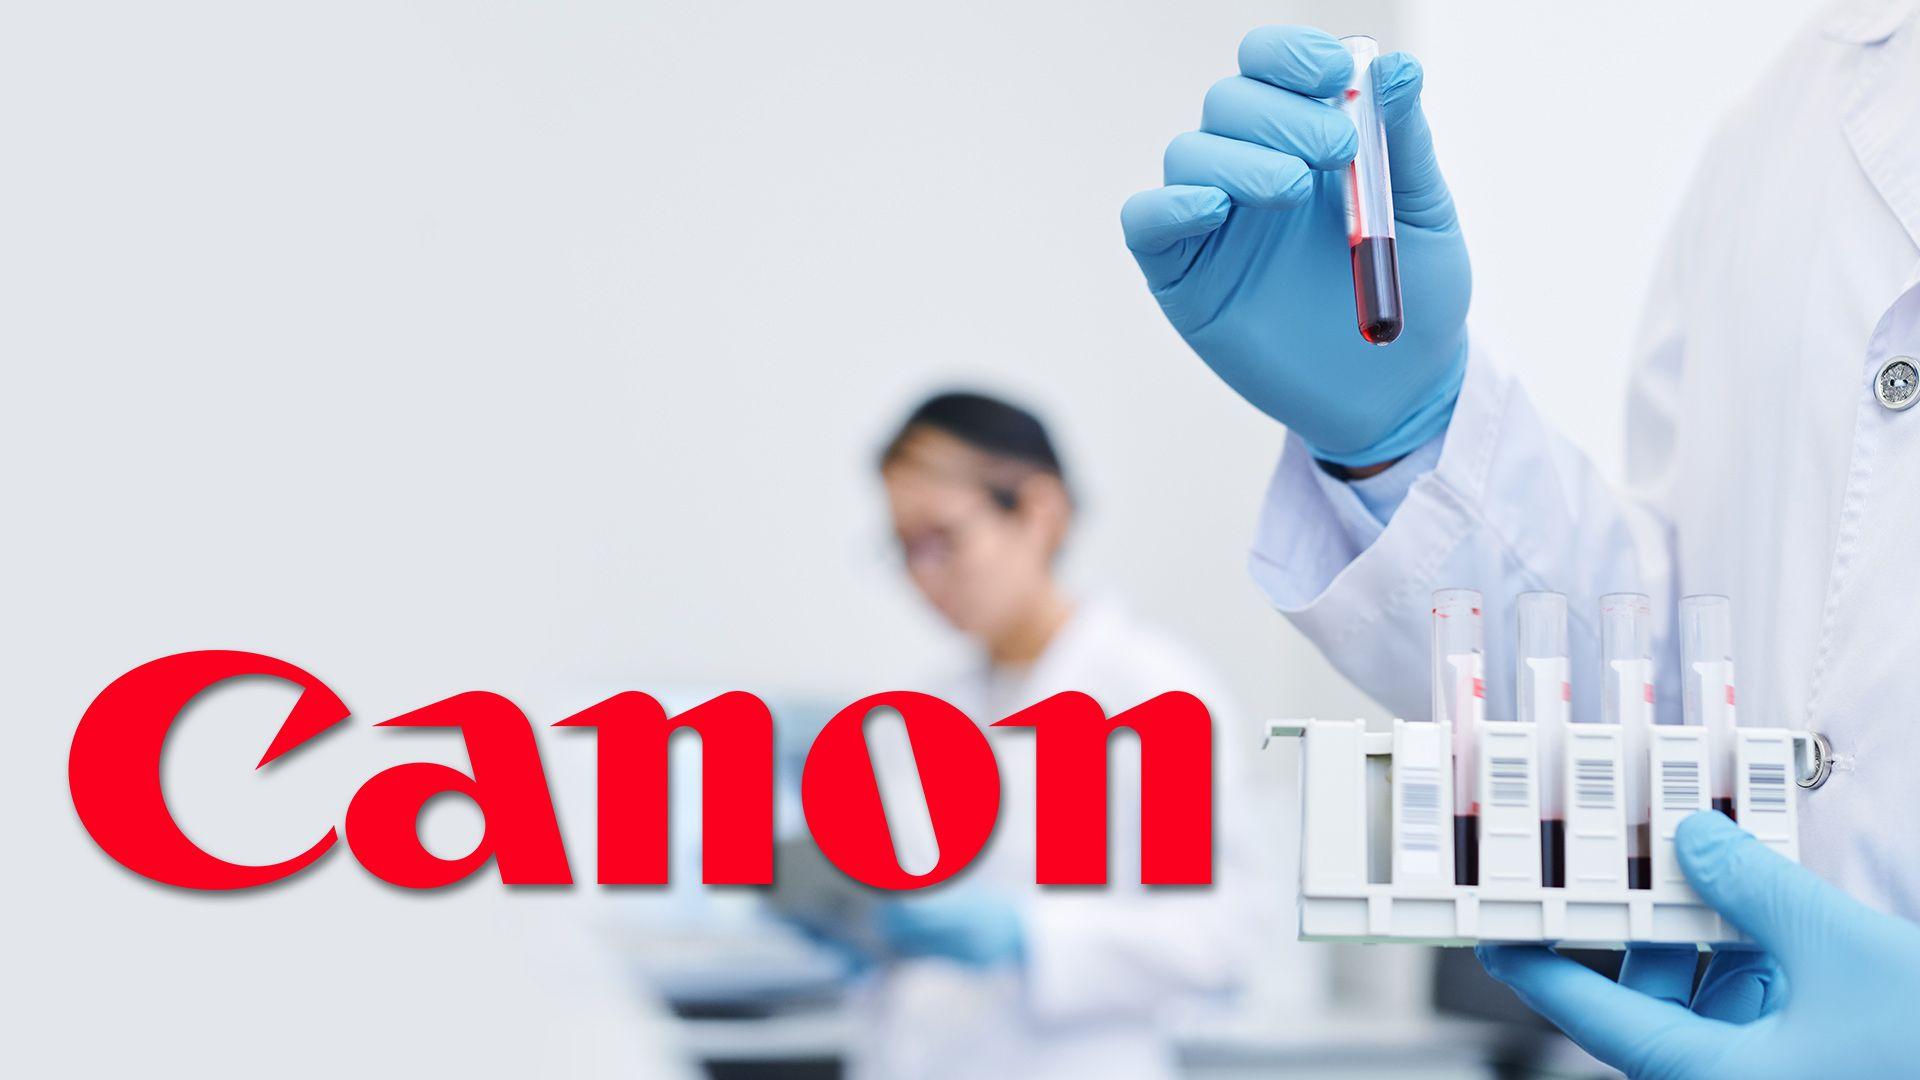 Canon: test rapido per il Covid-19